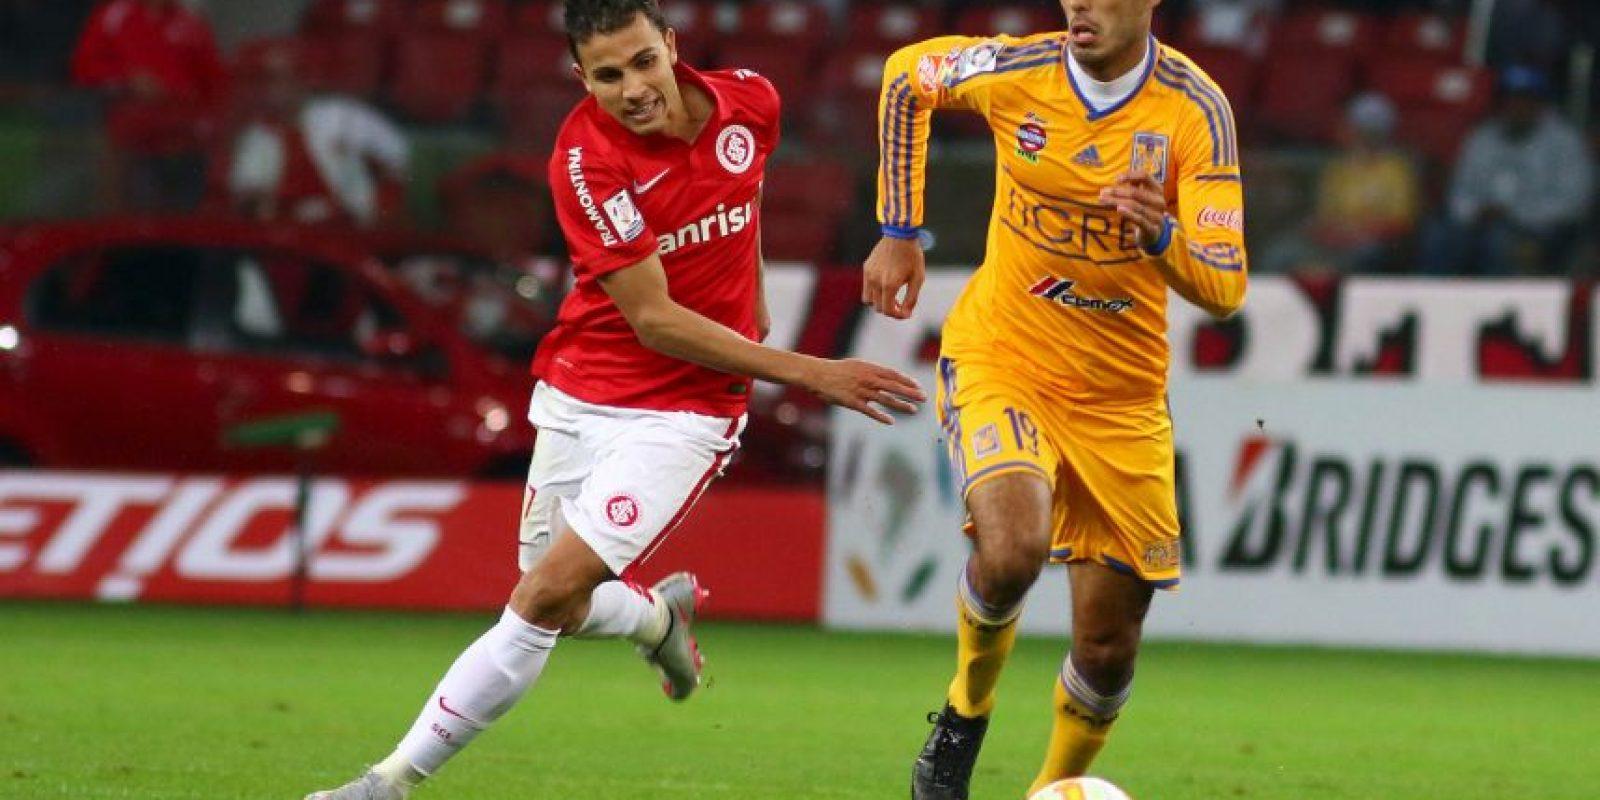 En cuartos de final eliminó al Emelec, y en semifinales al Interacional de Porto Alegre. Foto:Getty Images